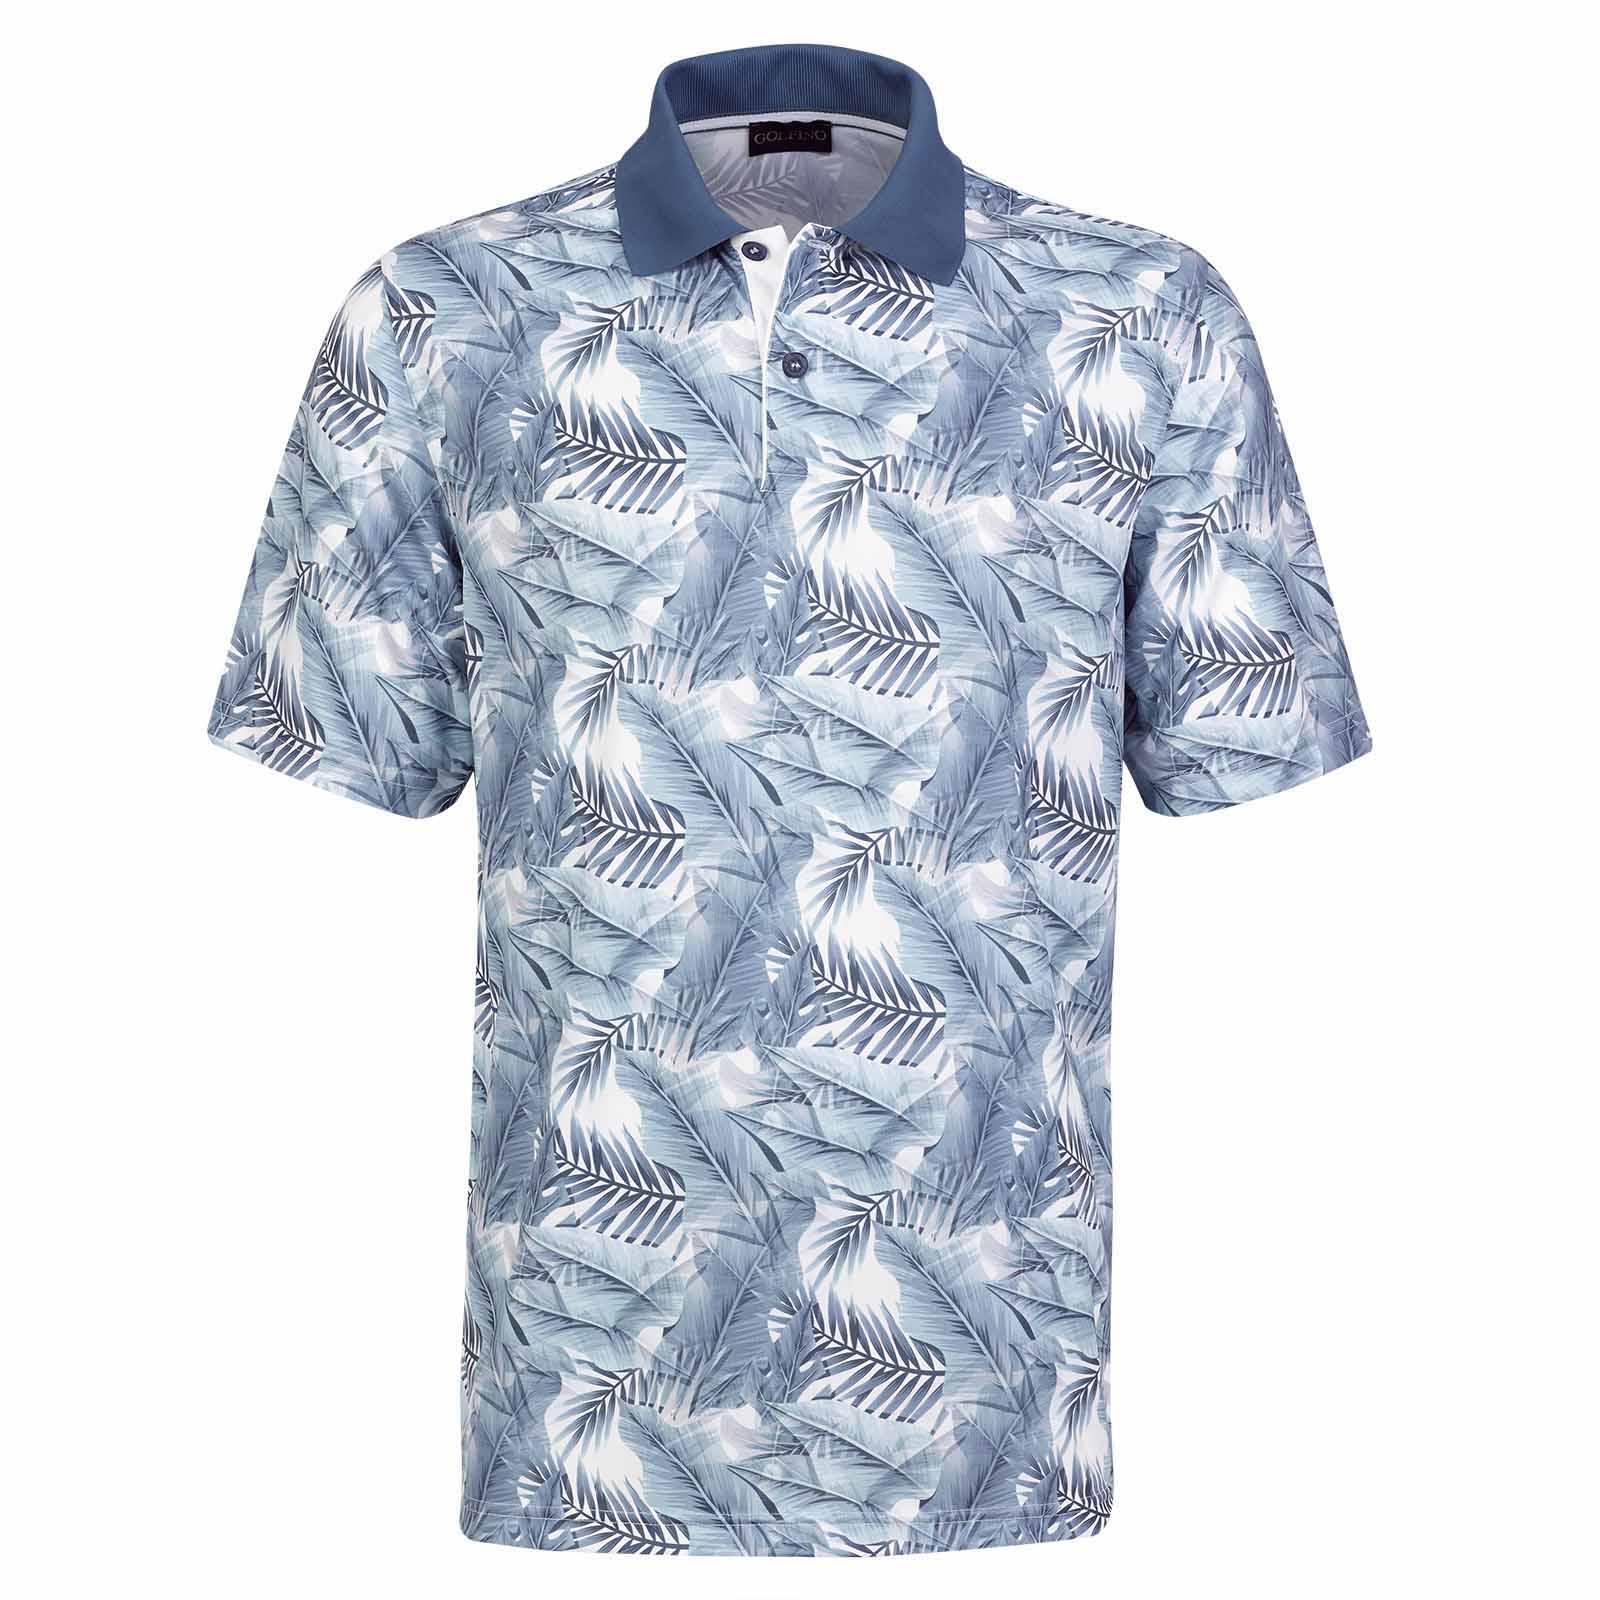 Herren Kurzarm Golfpolo mit Sonnenschutz und Motivdruck in Regular Fit